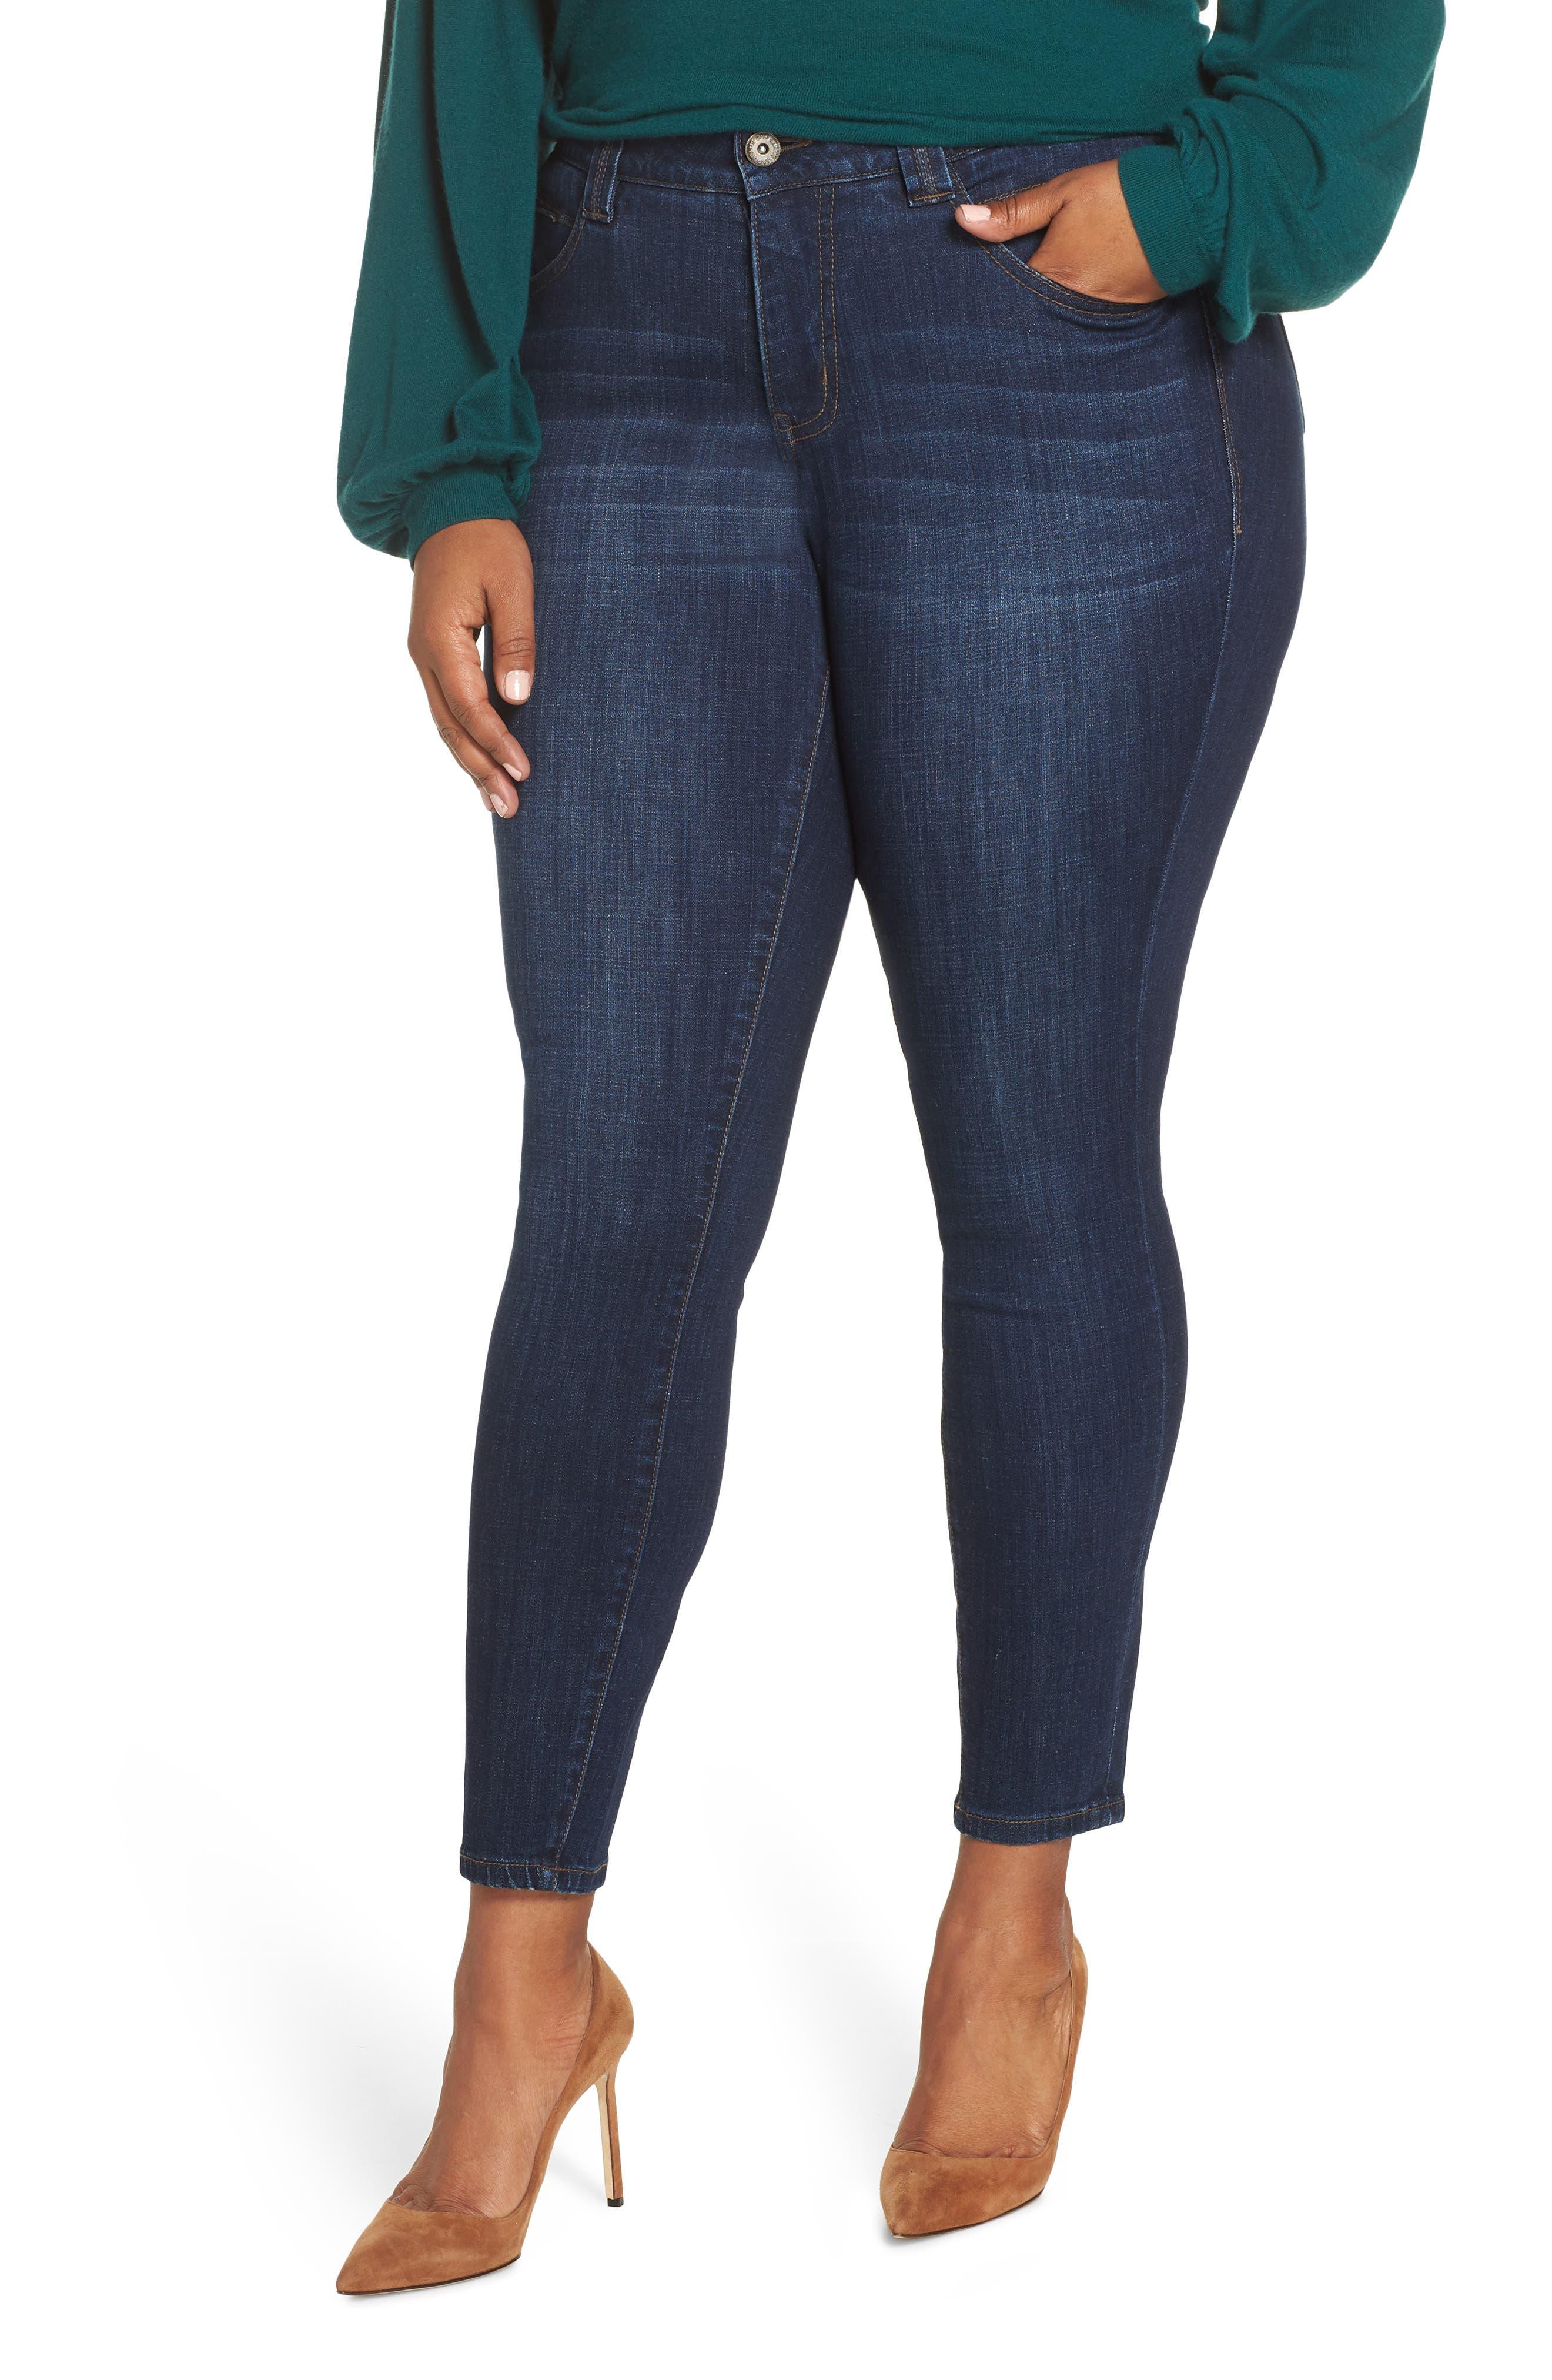 Cecilia Stretch Skinny Jeans in Med Indigo